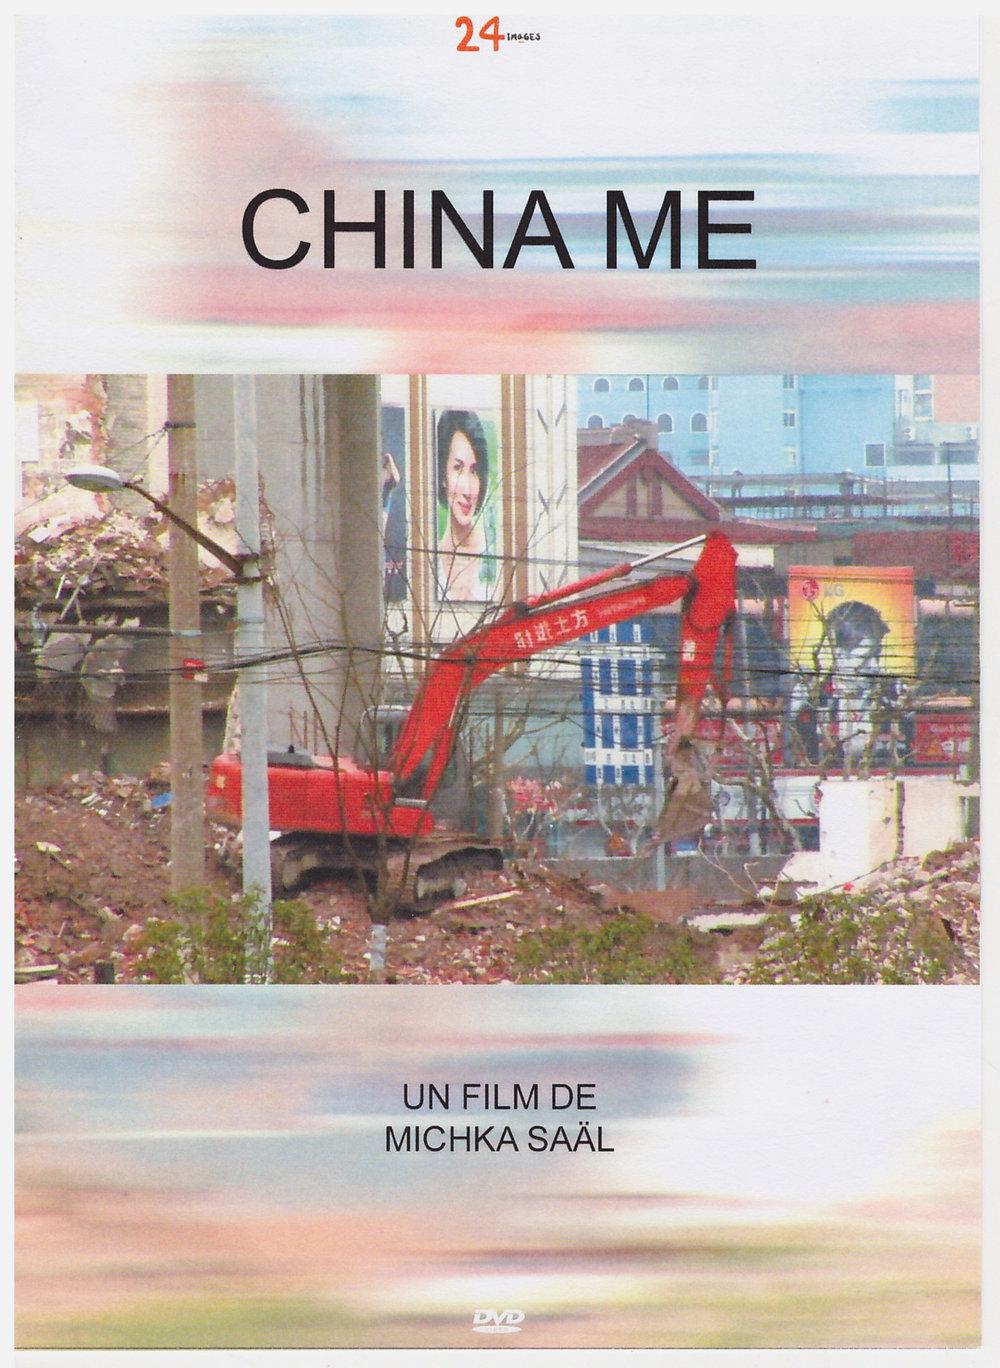 China Me dvd cover.jpg